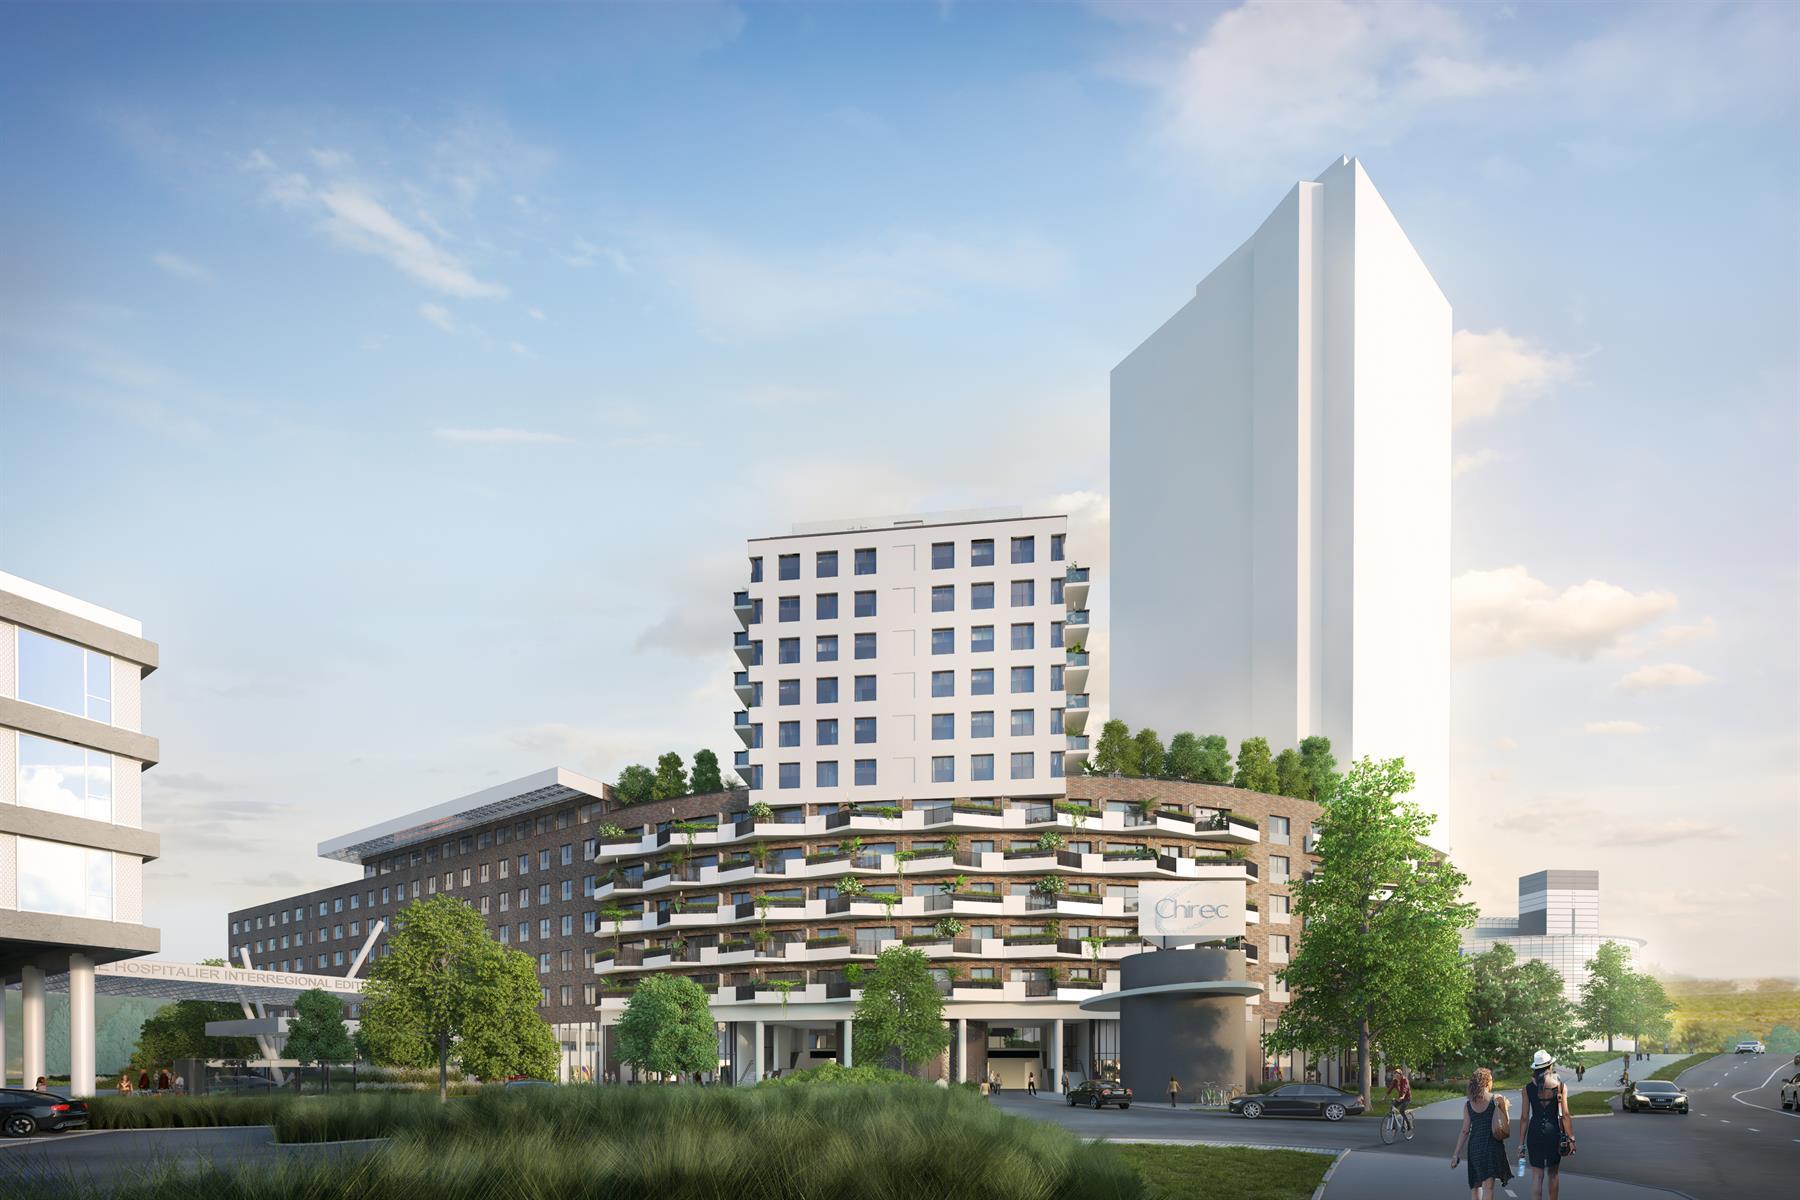 Flat - Ixelles - #4365576-10